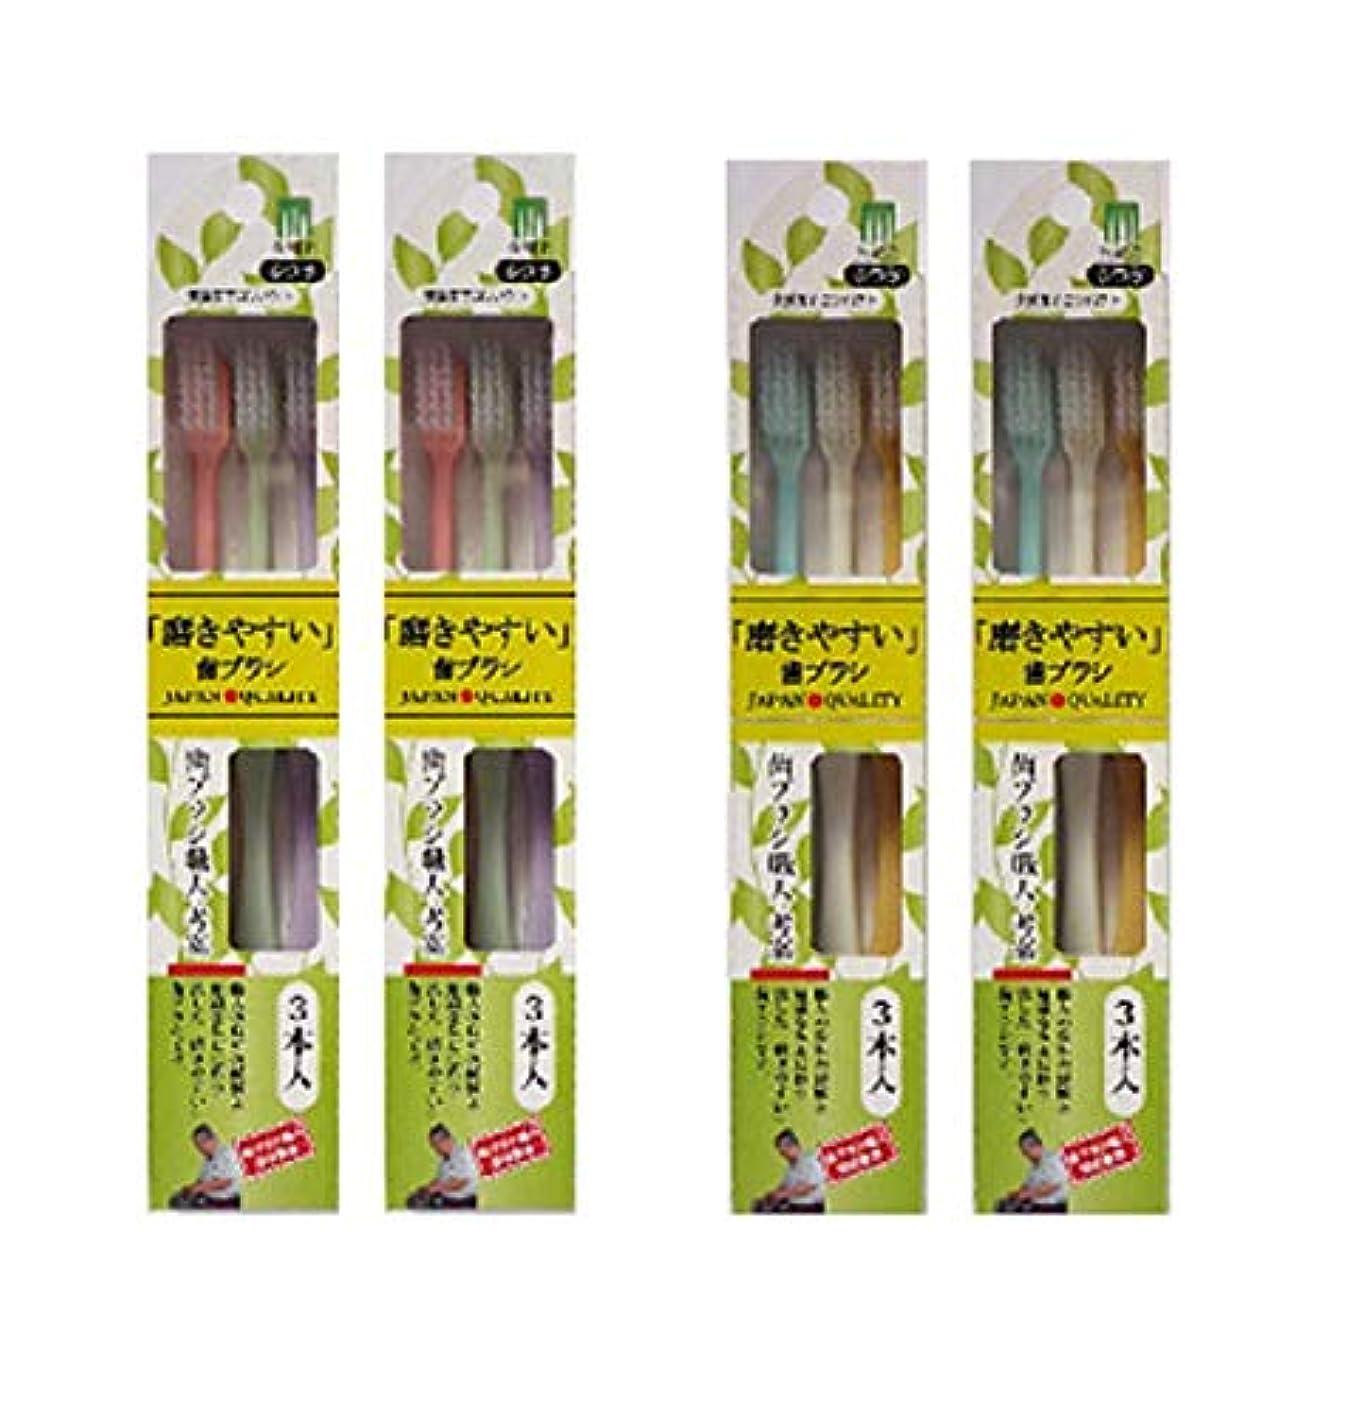 ライフレンジ 磨きやすい歯ブラシ 奥歯までコンパクト 先細毛(ふつう) ELT-1(3本入)×4箱セット